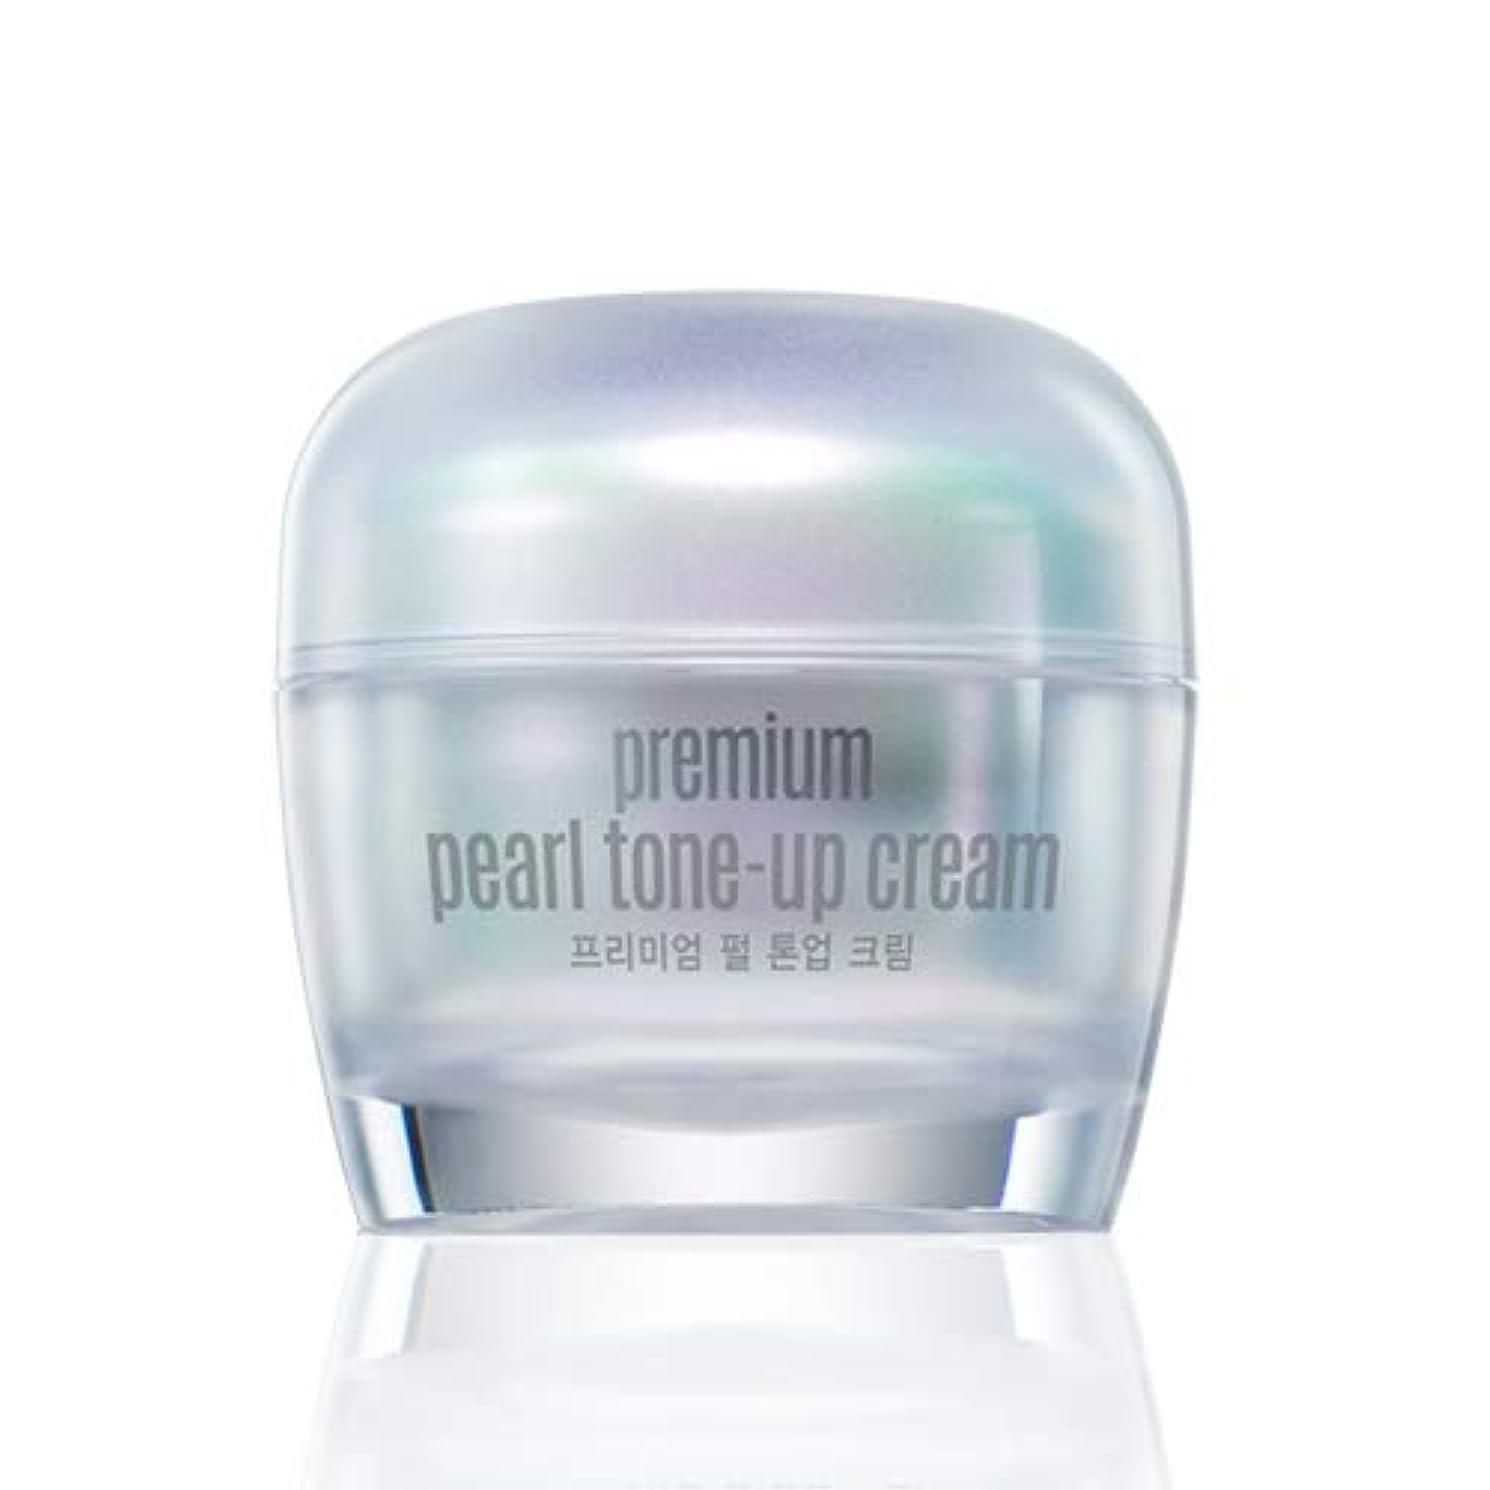 用量ジャンル劇的グーダル プレミアム パール トーンアップ クリーム50ml Goodal Premium Pearl Tone-up Cream [並行輸入品]